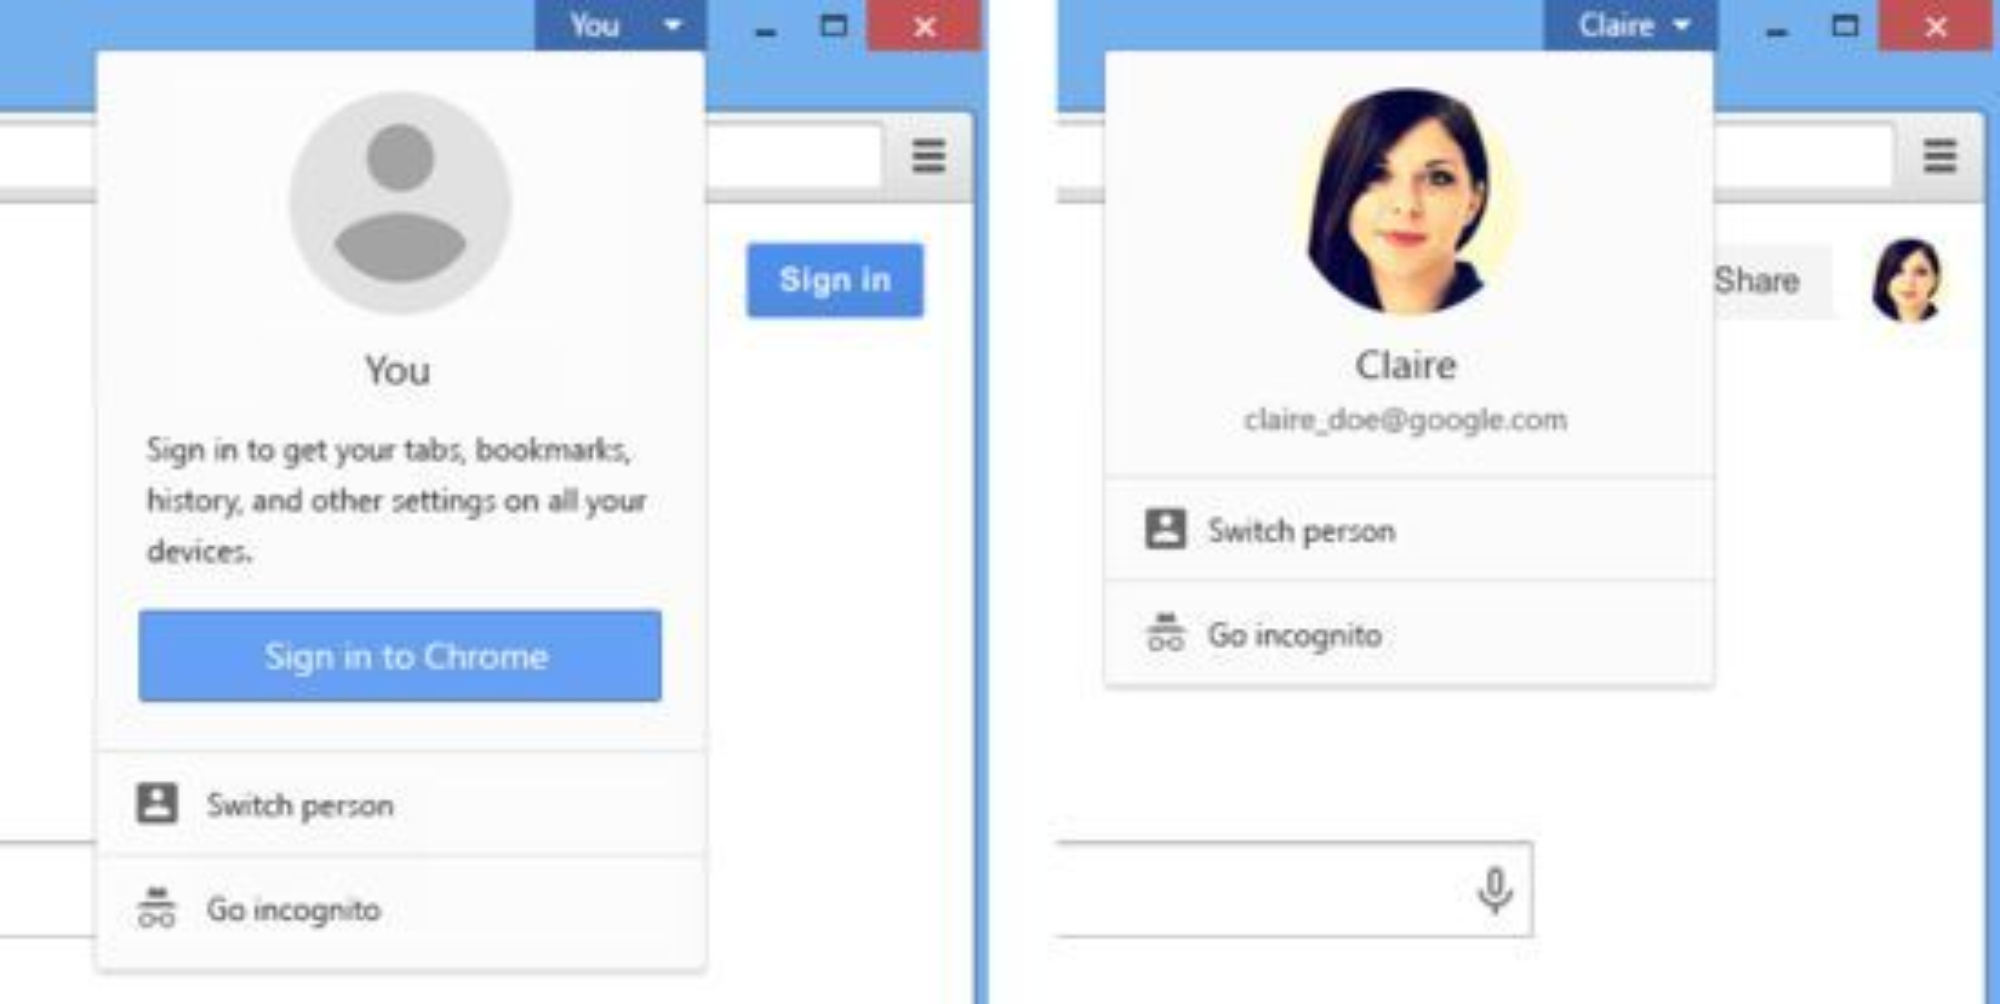 Fra «You»-menyen i Chrome 38 kan man blant annet velge mellom flere brukere av Chrome.